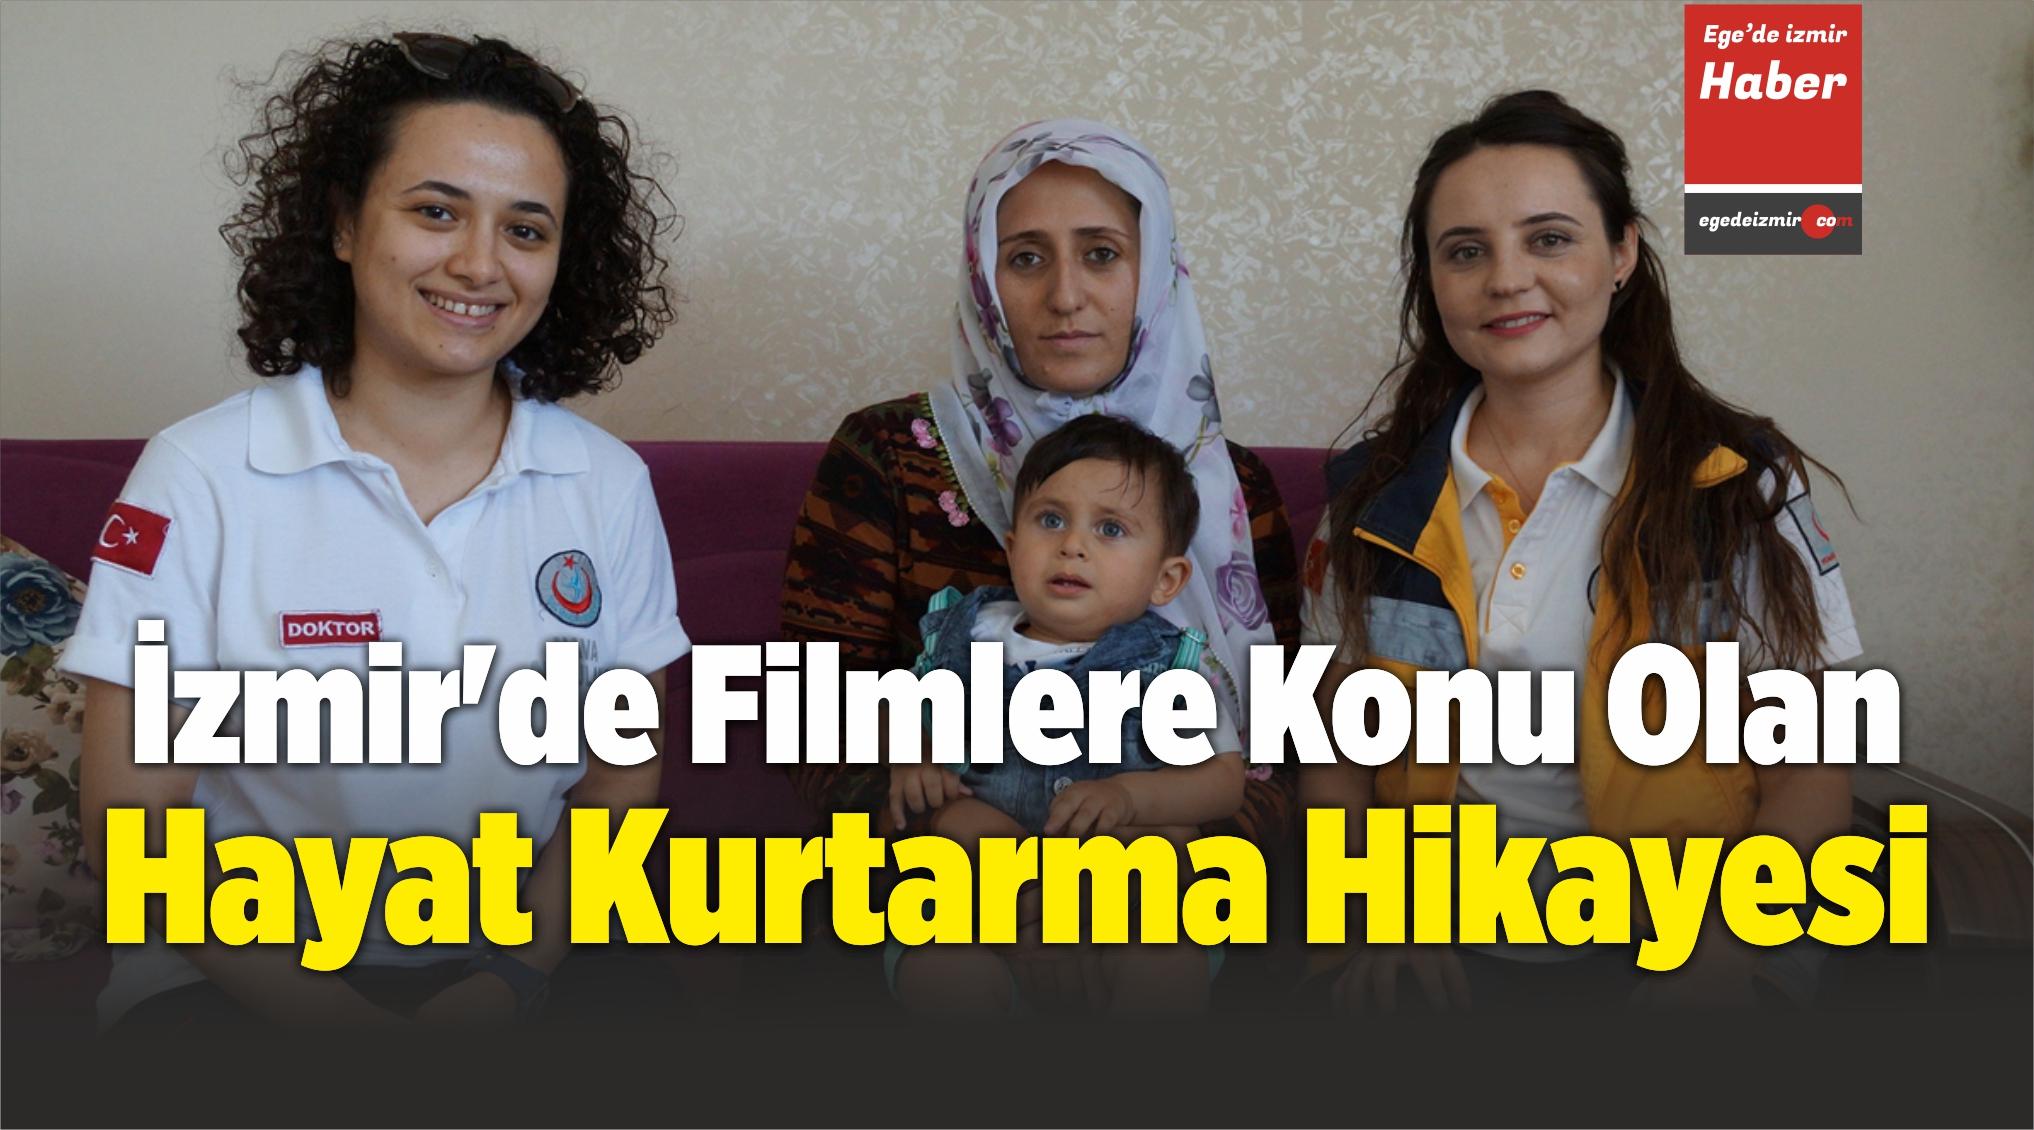 İzmir'deFilmlere Konu Olan Hayat Kurtarma Hikayesi